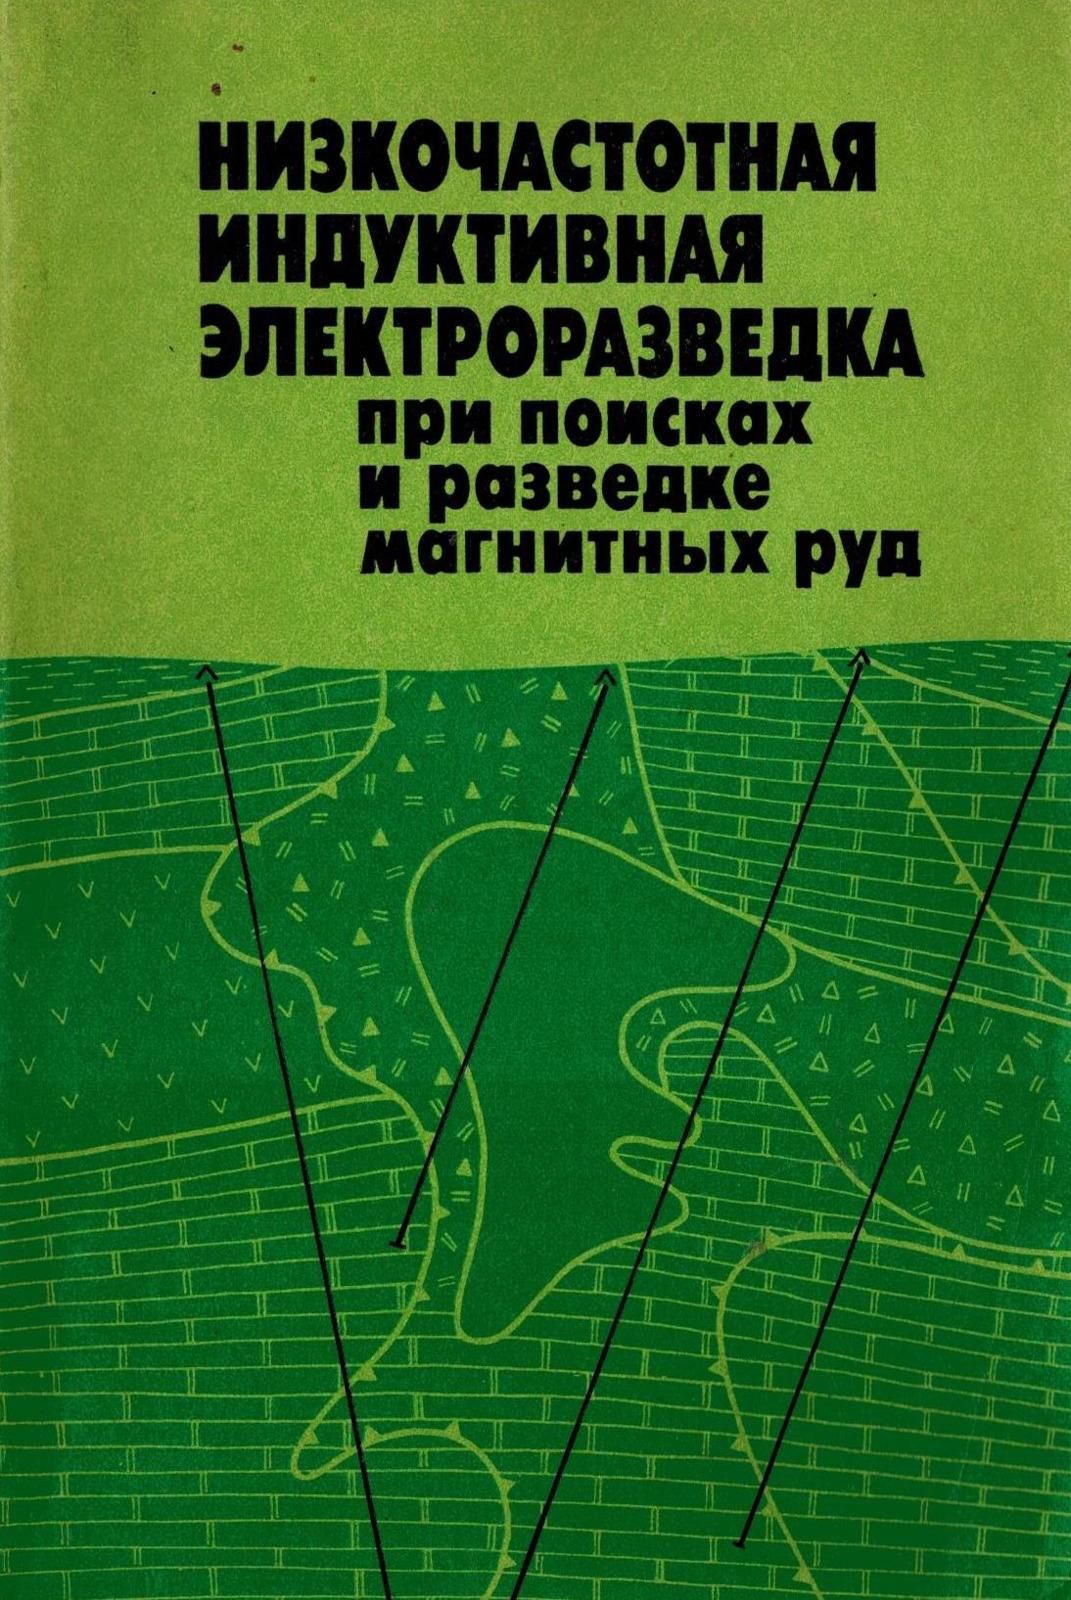 Блох Ю.И., Гаранский Е.М., Доброхотова И.А. Низкочастотная индуктивная элетроразведка при поиске и разведке магнитных руд